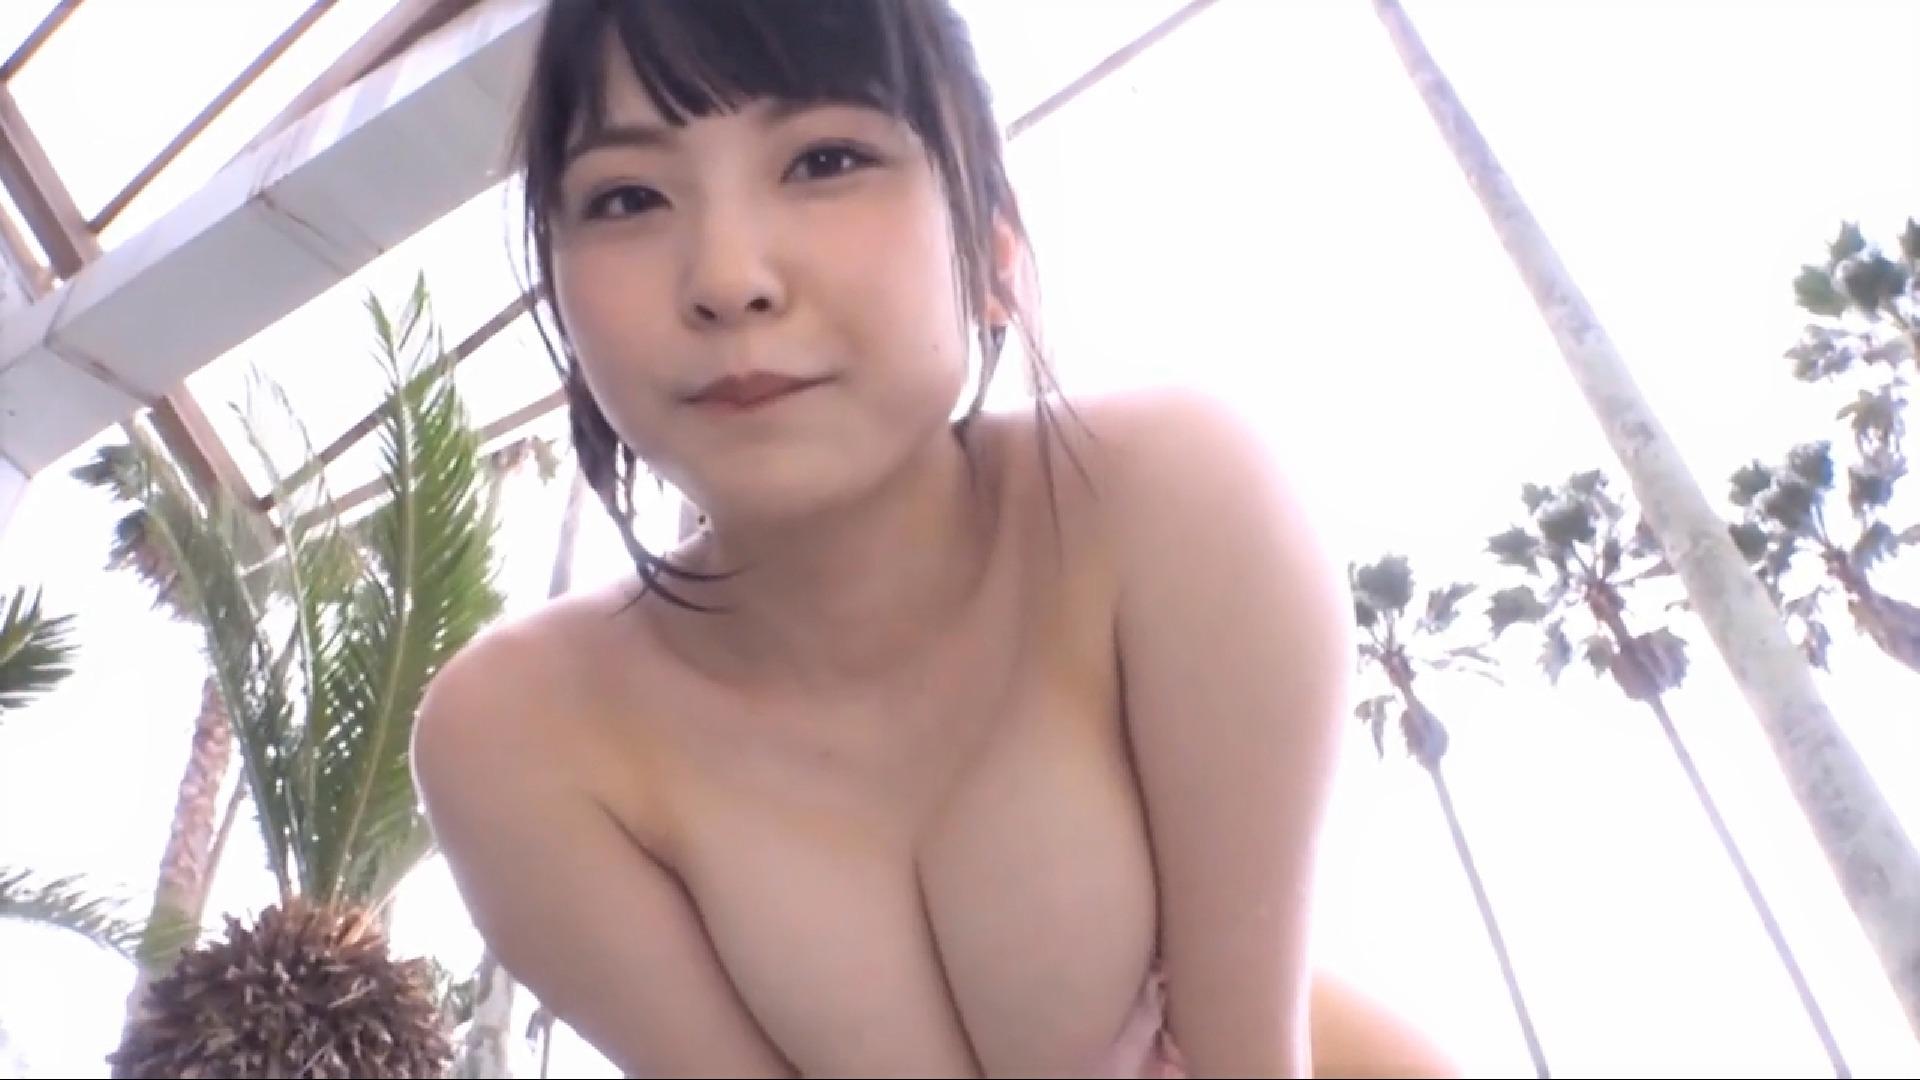 【藤井澪】Fカップ10 濡れたおっぱいに濡れたお尻で欲情待ったなし!